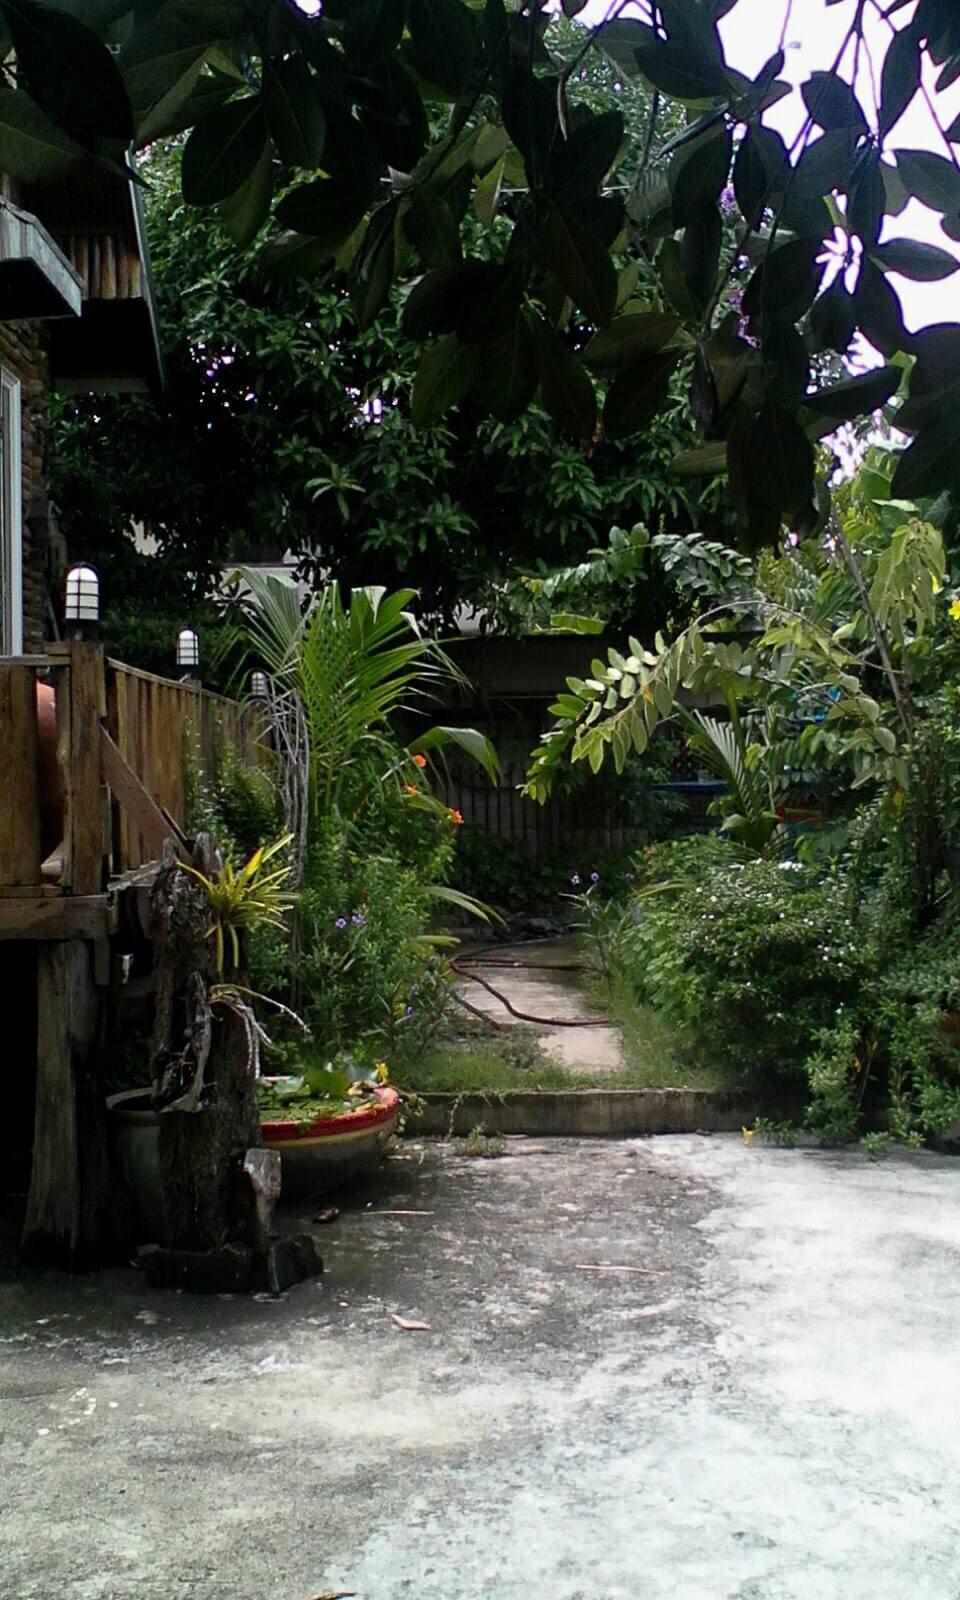 ขายบ้าน 2 หลัง ในที่ดิน 100 ตรว. (ติดตลาดนนทบุรี) 089-844-8404 รูปที่ 3